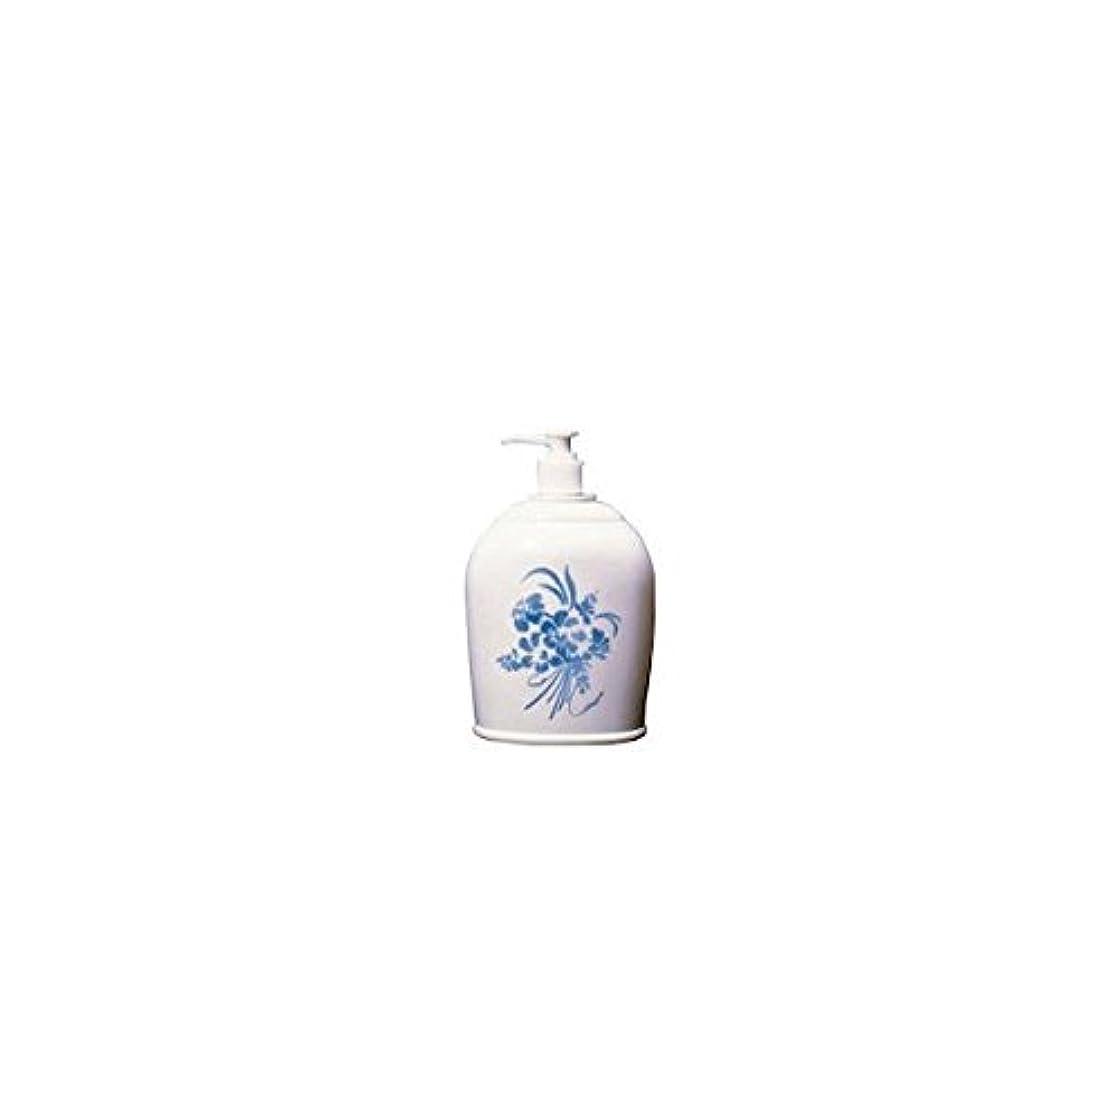 放射する追い越すお風呂を持っているアルタン ハンドソ?プ白磁風化粧ボトル 500mL / 6-8569-01